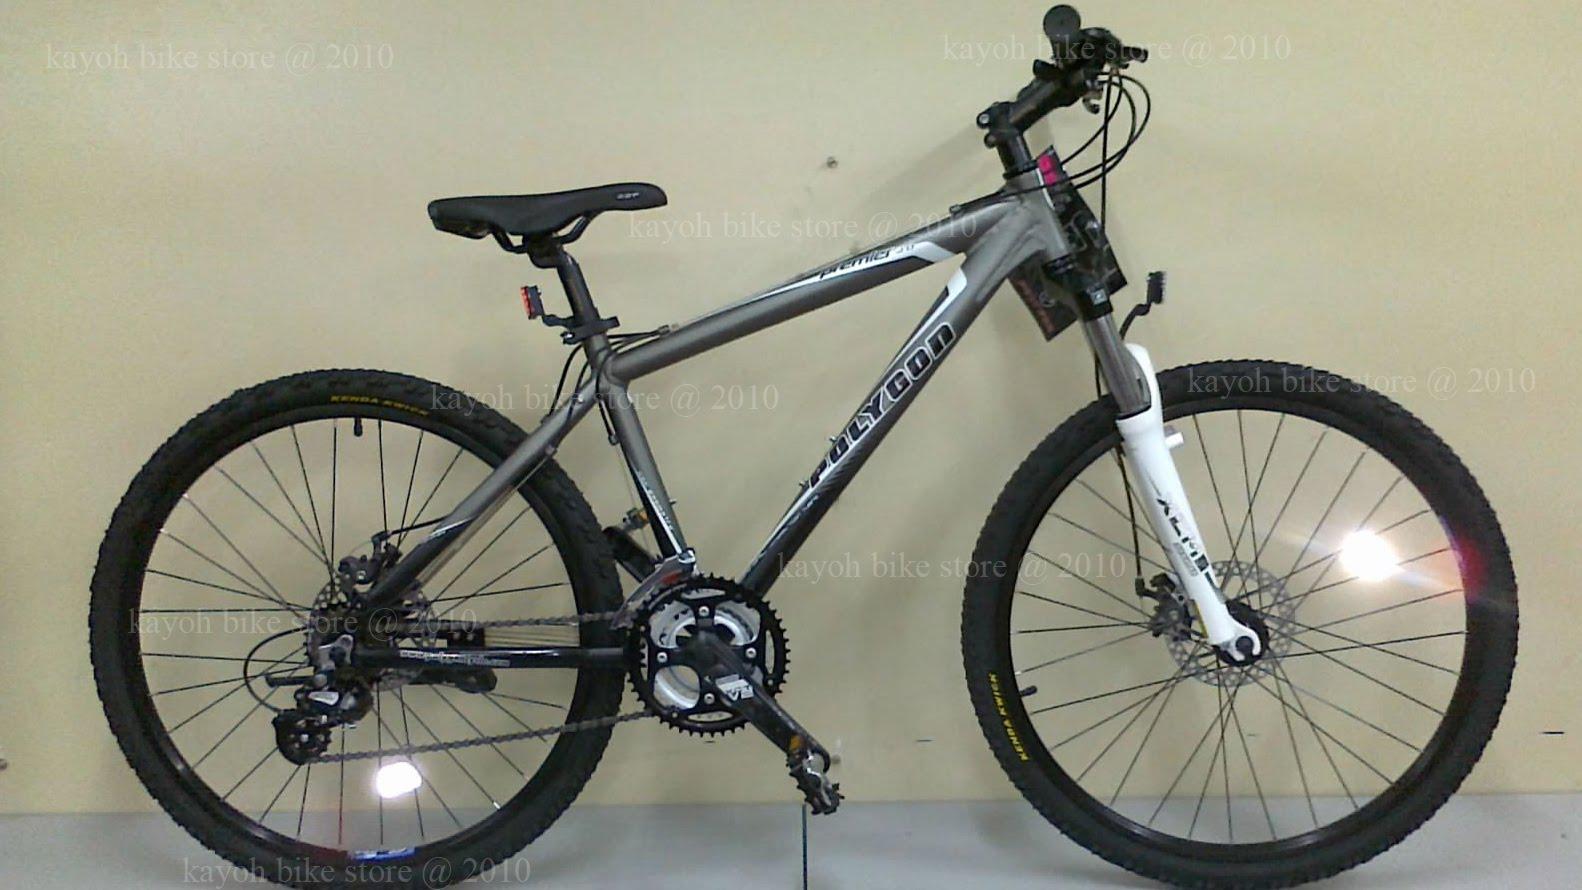 kayoh bike store Polygon Premier 3.0 [ 2010 ]